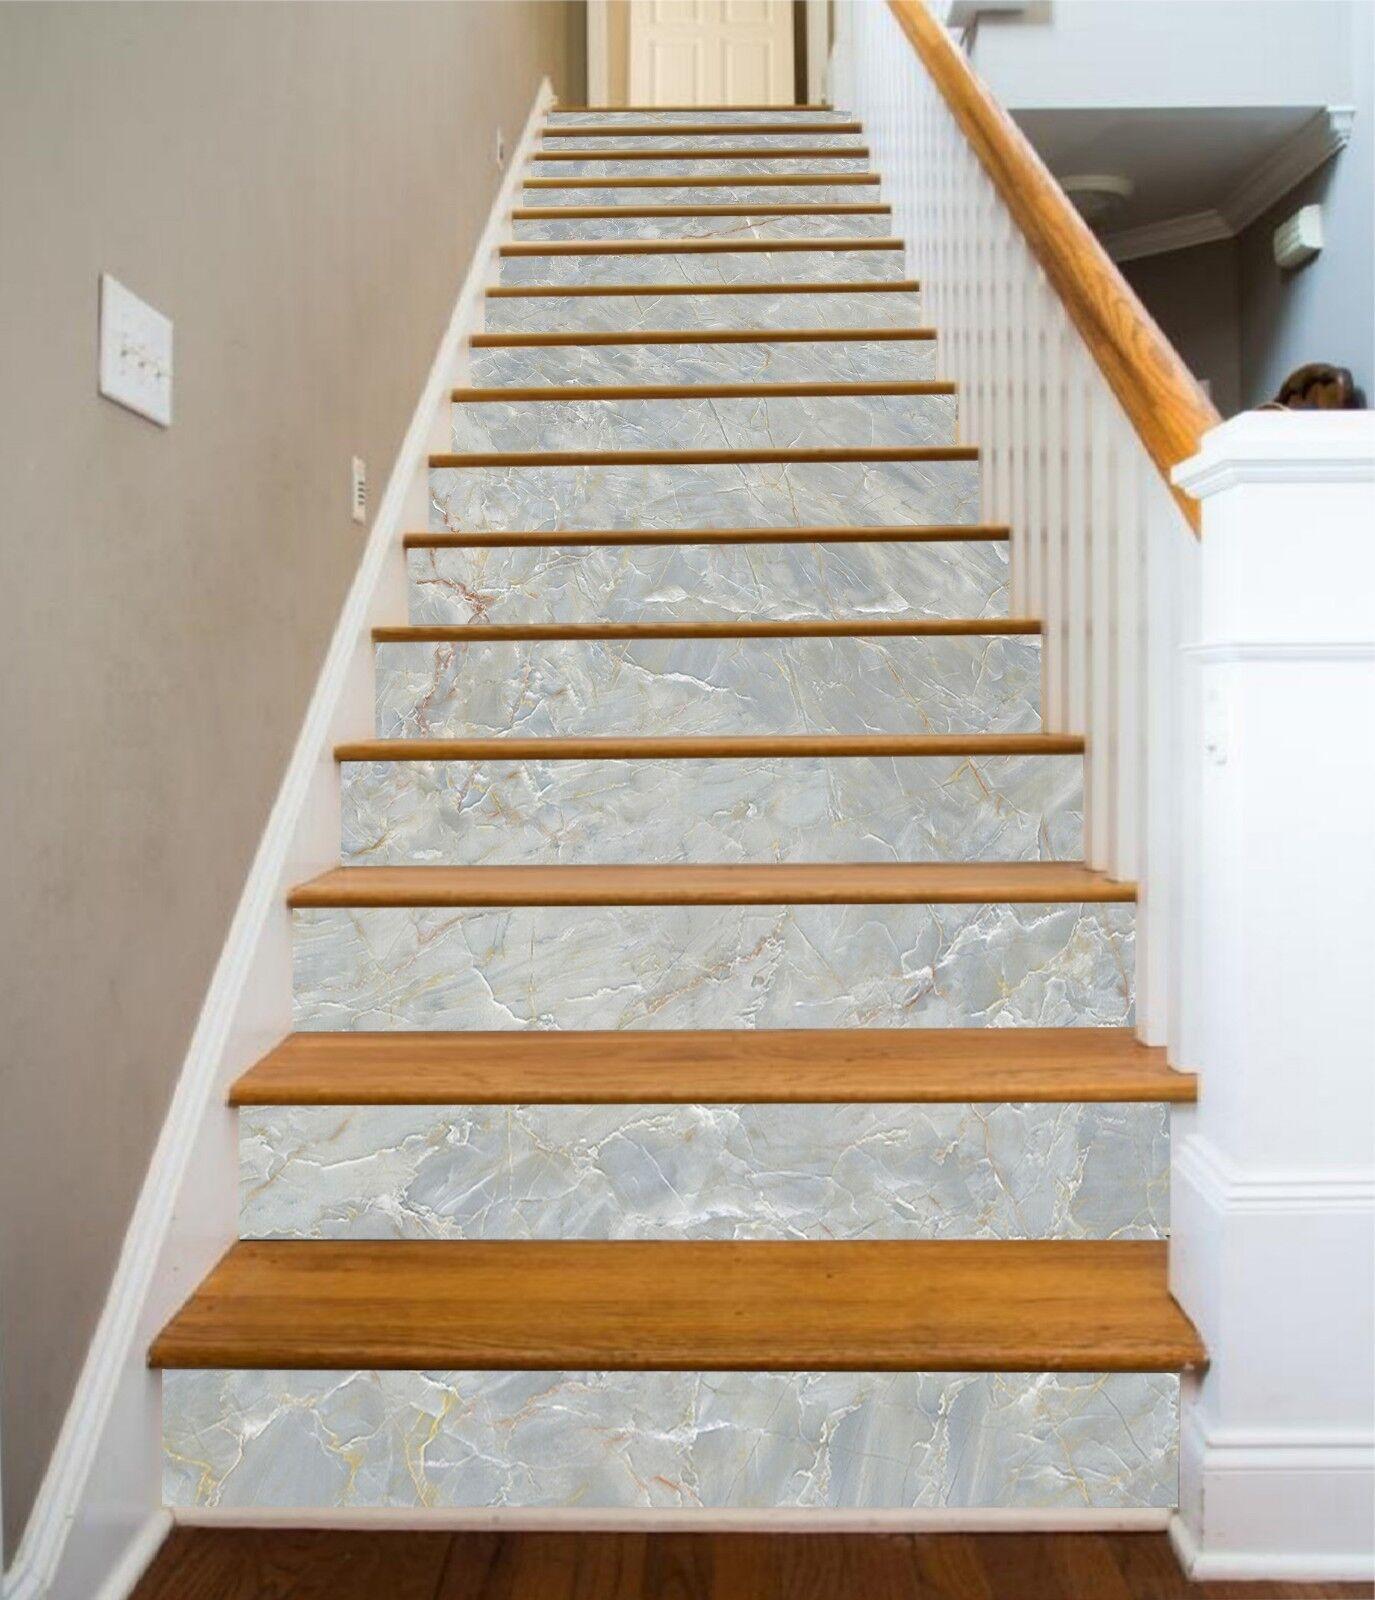 3D Jade Marble 72 Tile Marble Stair Risers Photo Mural Vinyl Decal Wallpaper